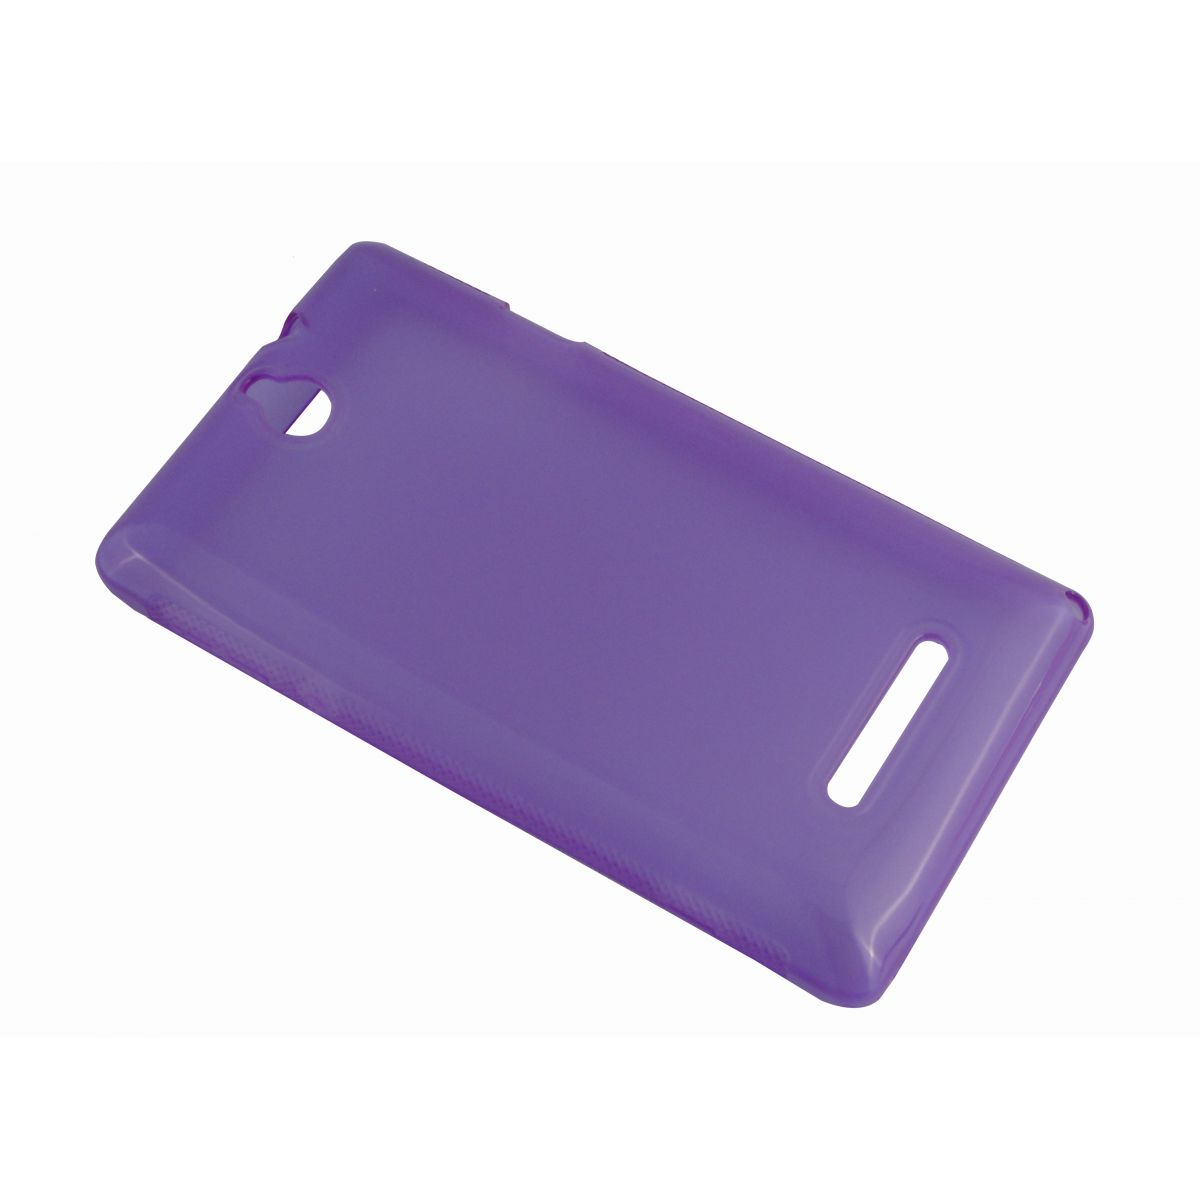 Capa de TPU para Sony Xperia E C1604 C1605 + Pelicula Lilas